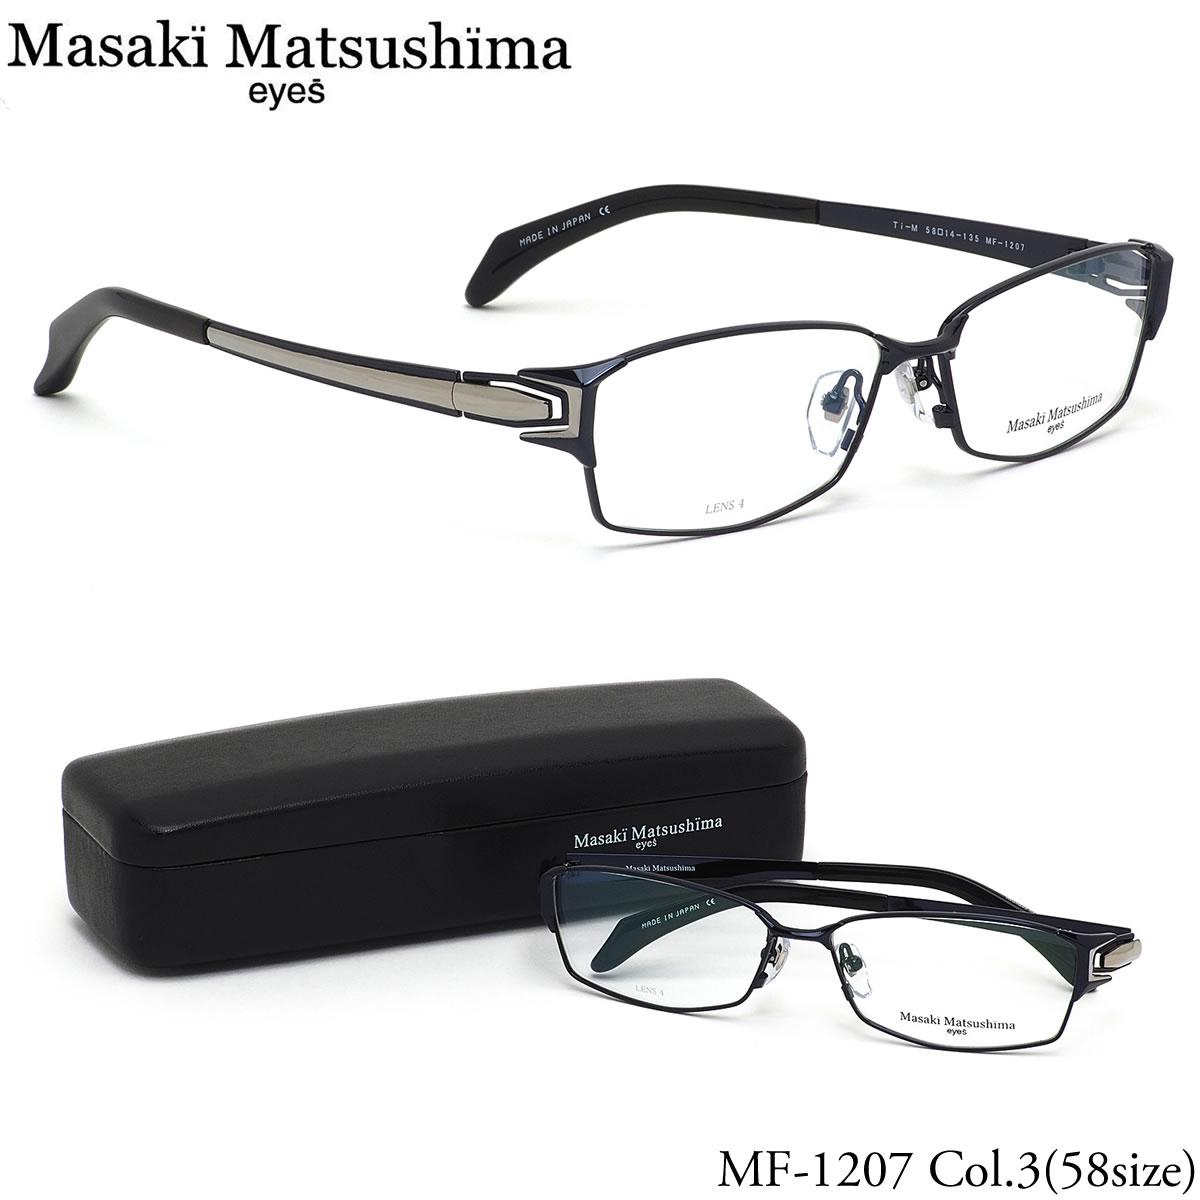 【10月30日からエントリーで全品ポイント20倍】マサキマツシマ Masaki Matsushima メガネMF-1207 3 58サイズスクエア 日本製 チタン 二色メッキマサキマツシマ MasakiMatsushima メンズ レディース